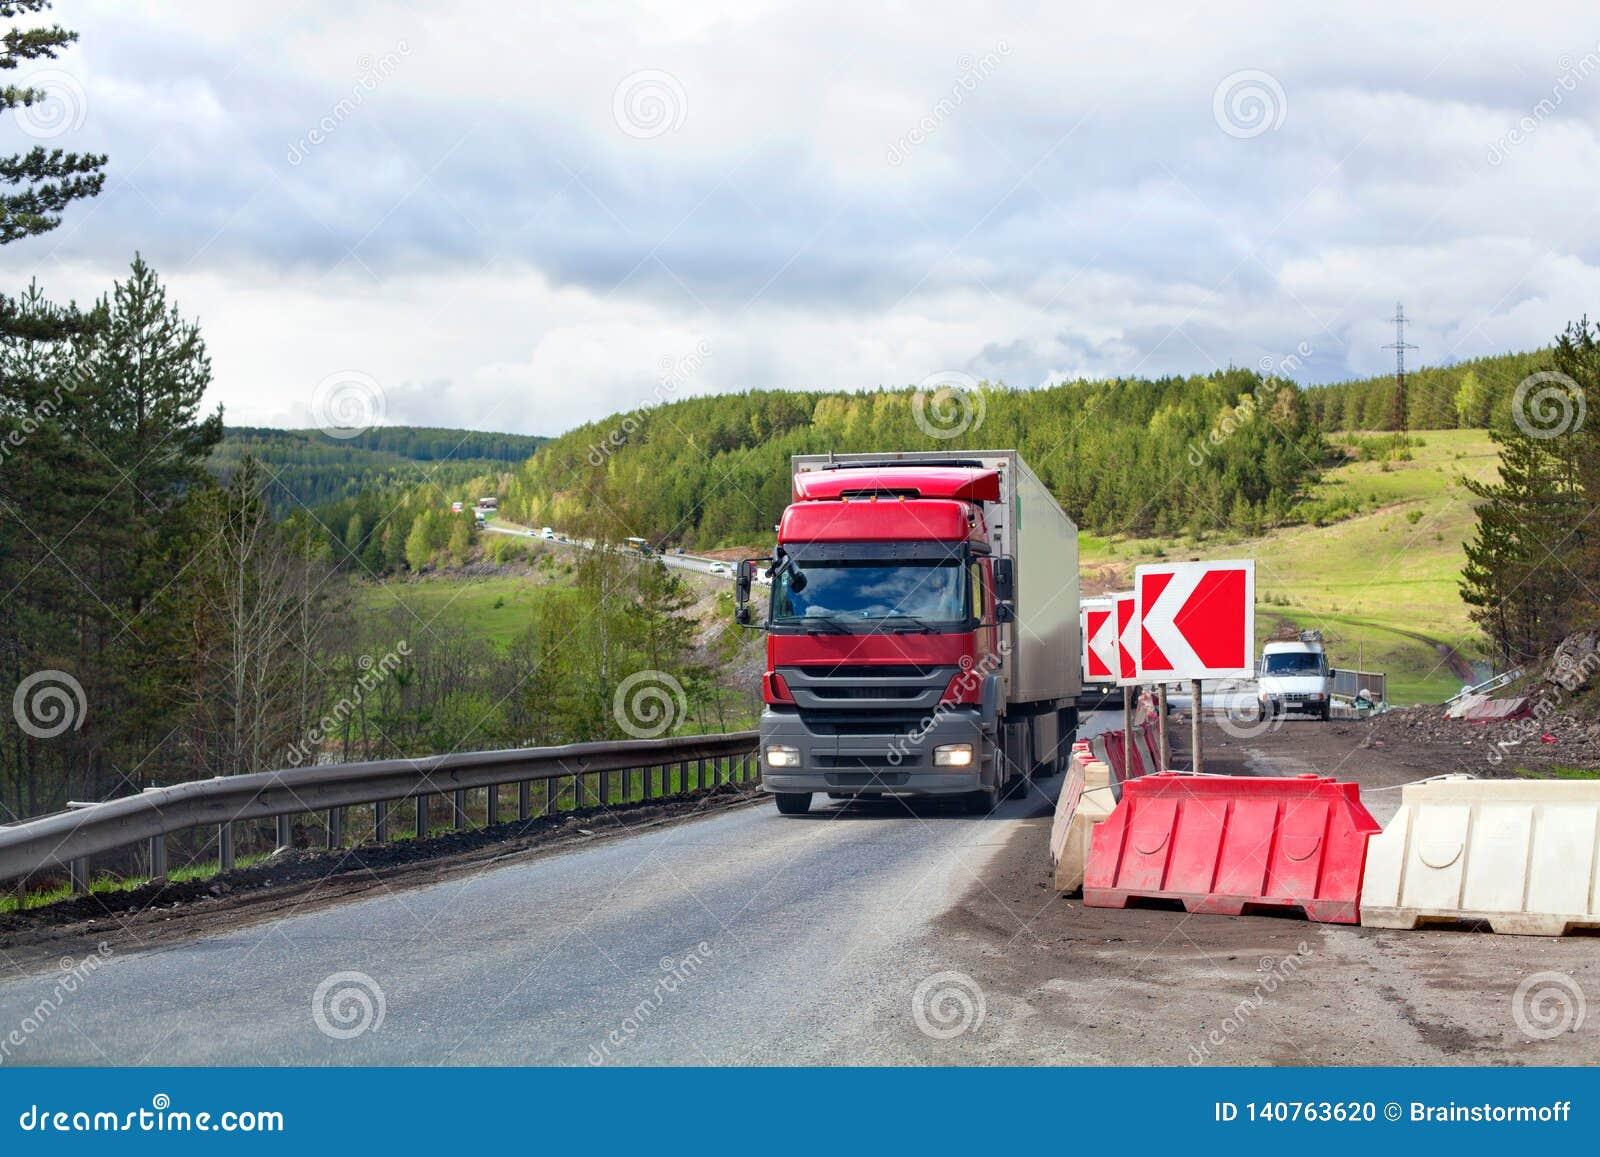 Reparación del camino, muestra roja, tráfico en una manera, bosque verde y fondo del cielo nublado